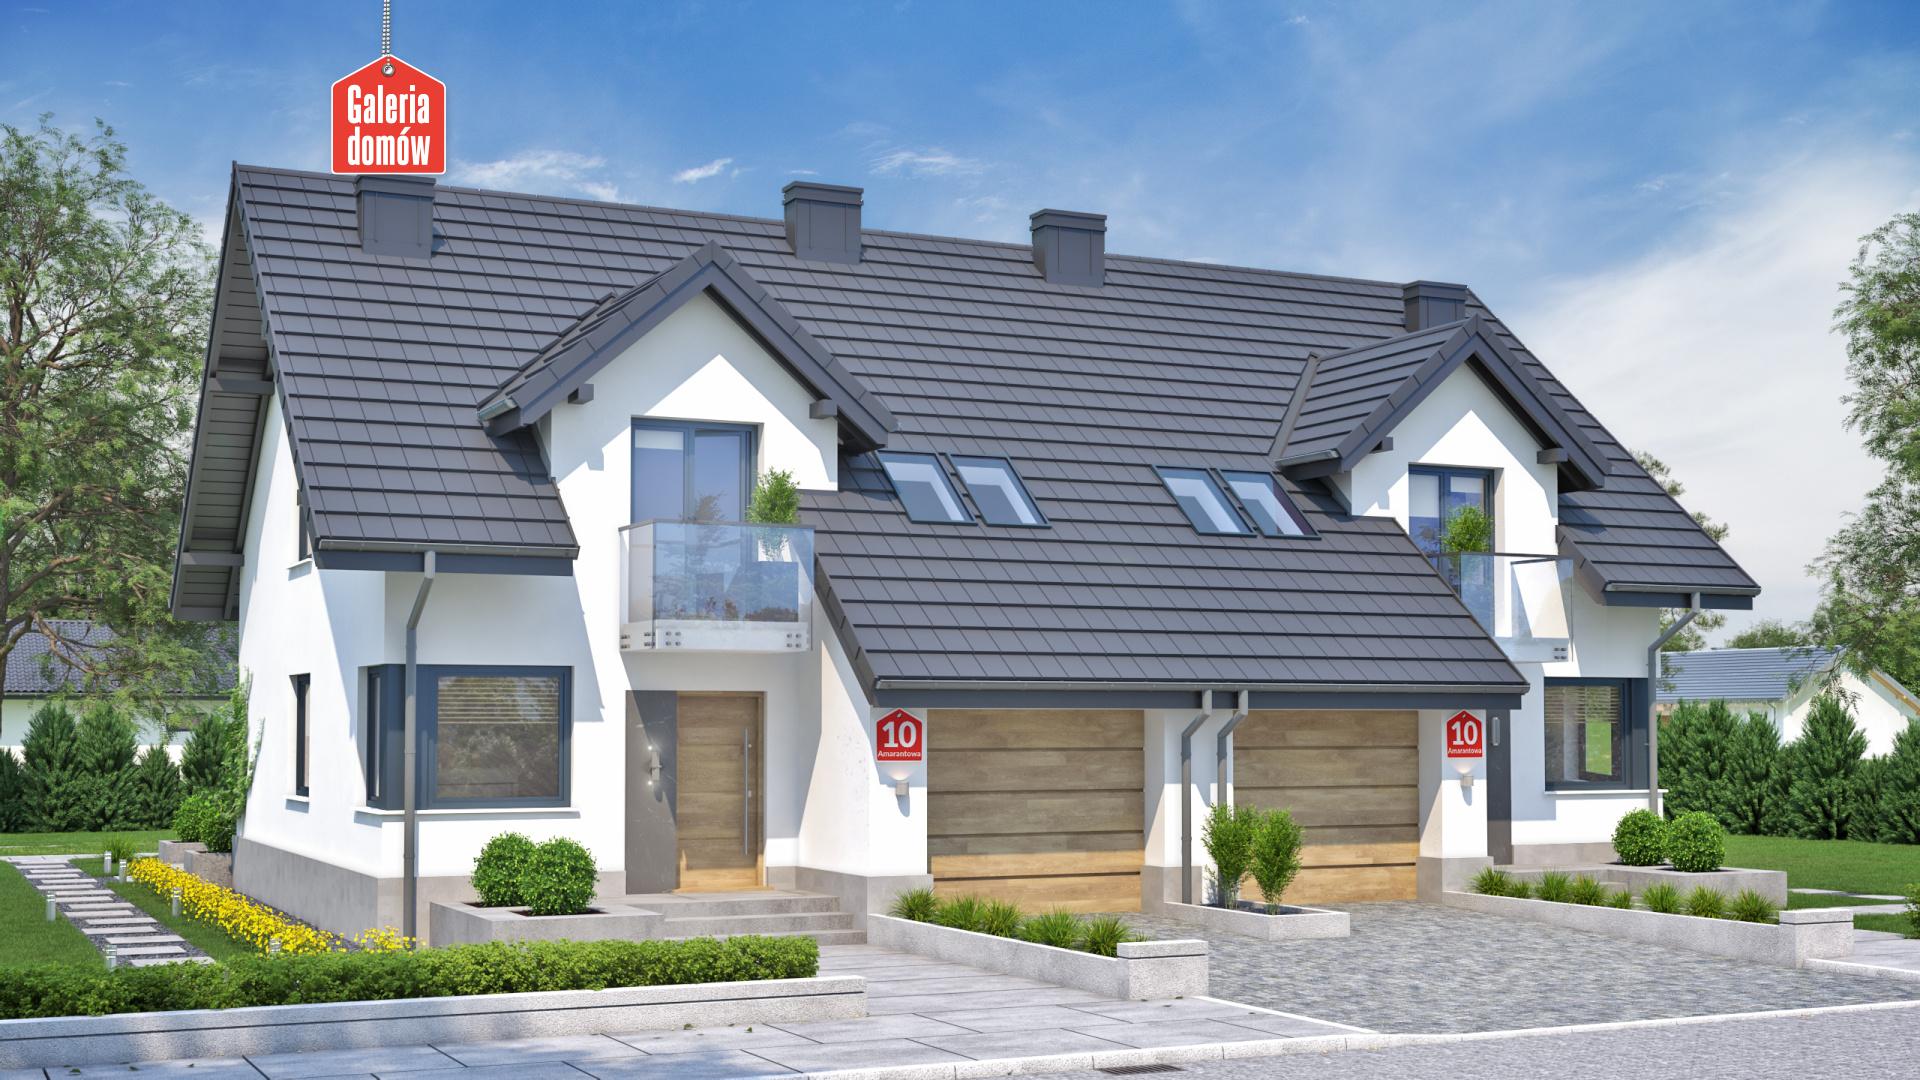 Dom Przy Amarantowej 10 Dwulokalowy Gotowy Projekt Domu